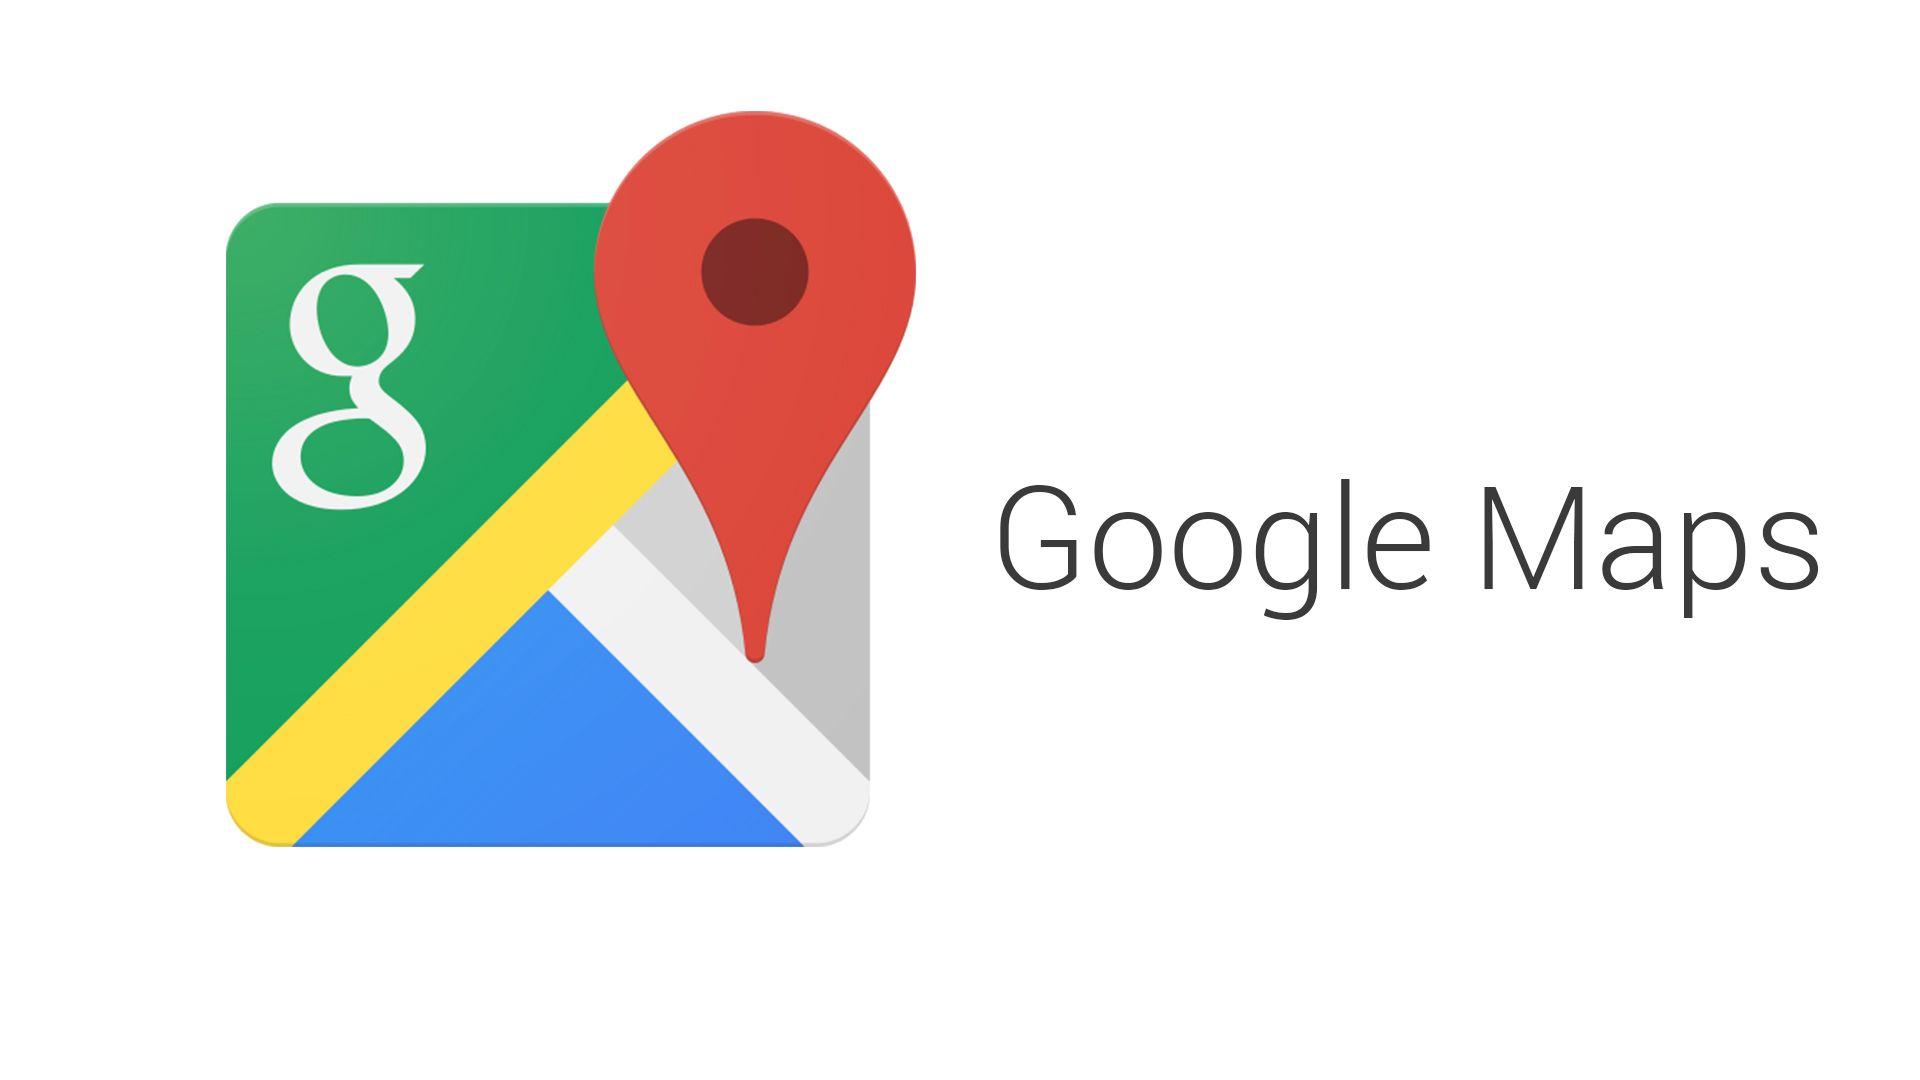 Google Maps te dice dónde has aparcado tu Opel